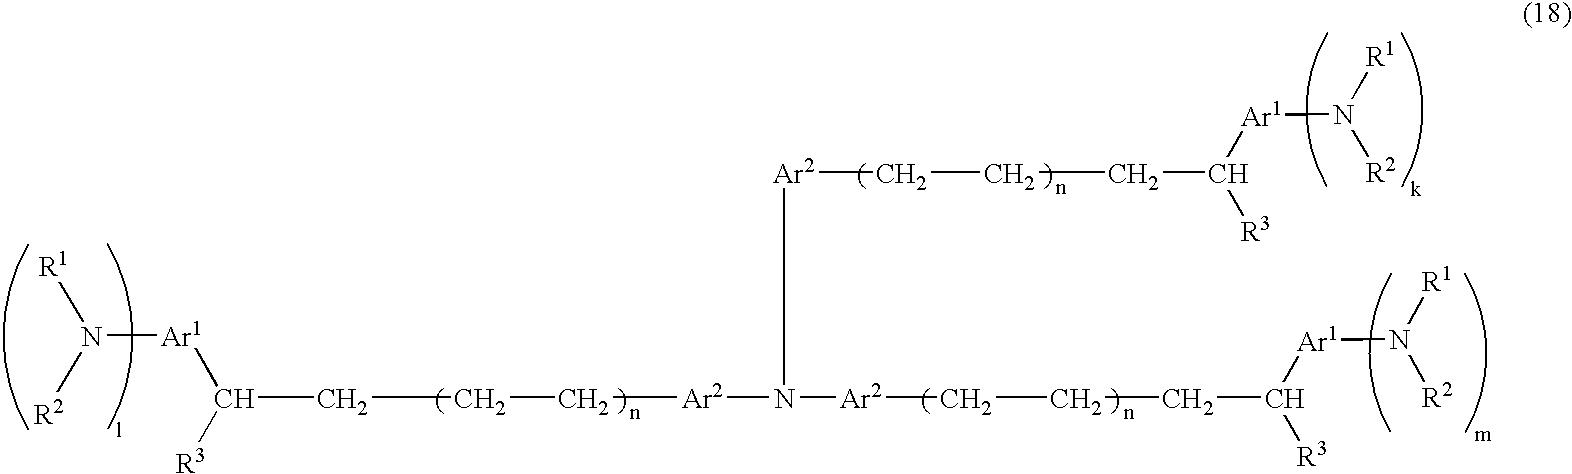 Figure US06861188-20050301-C00020